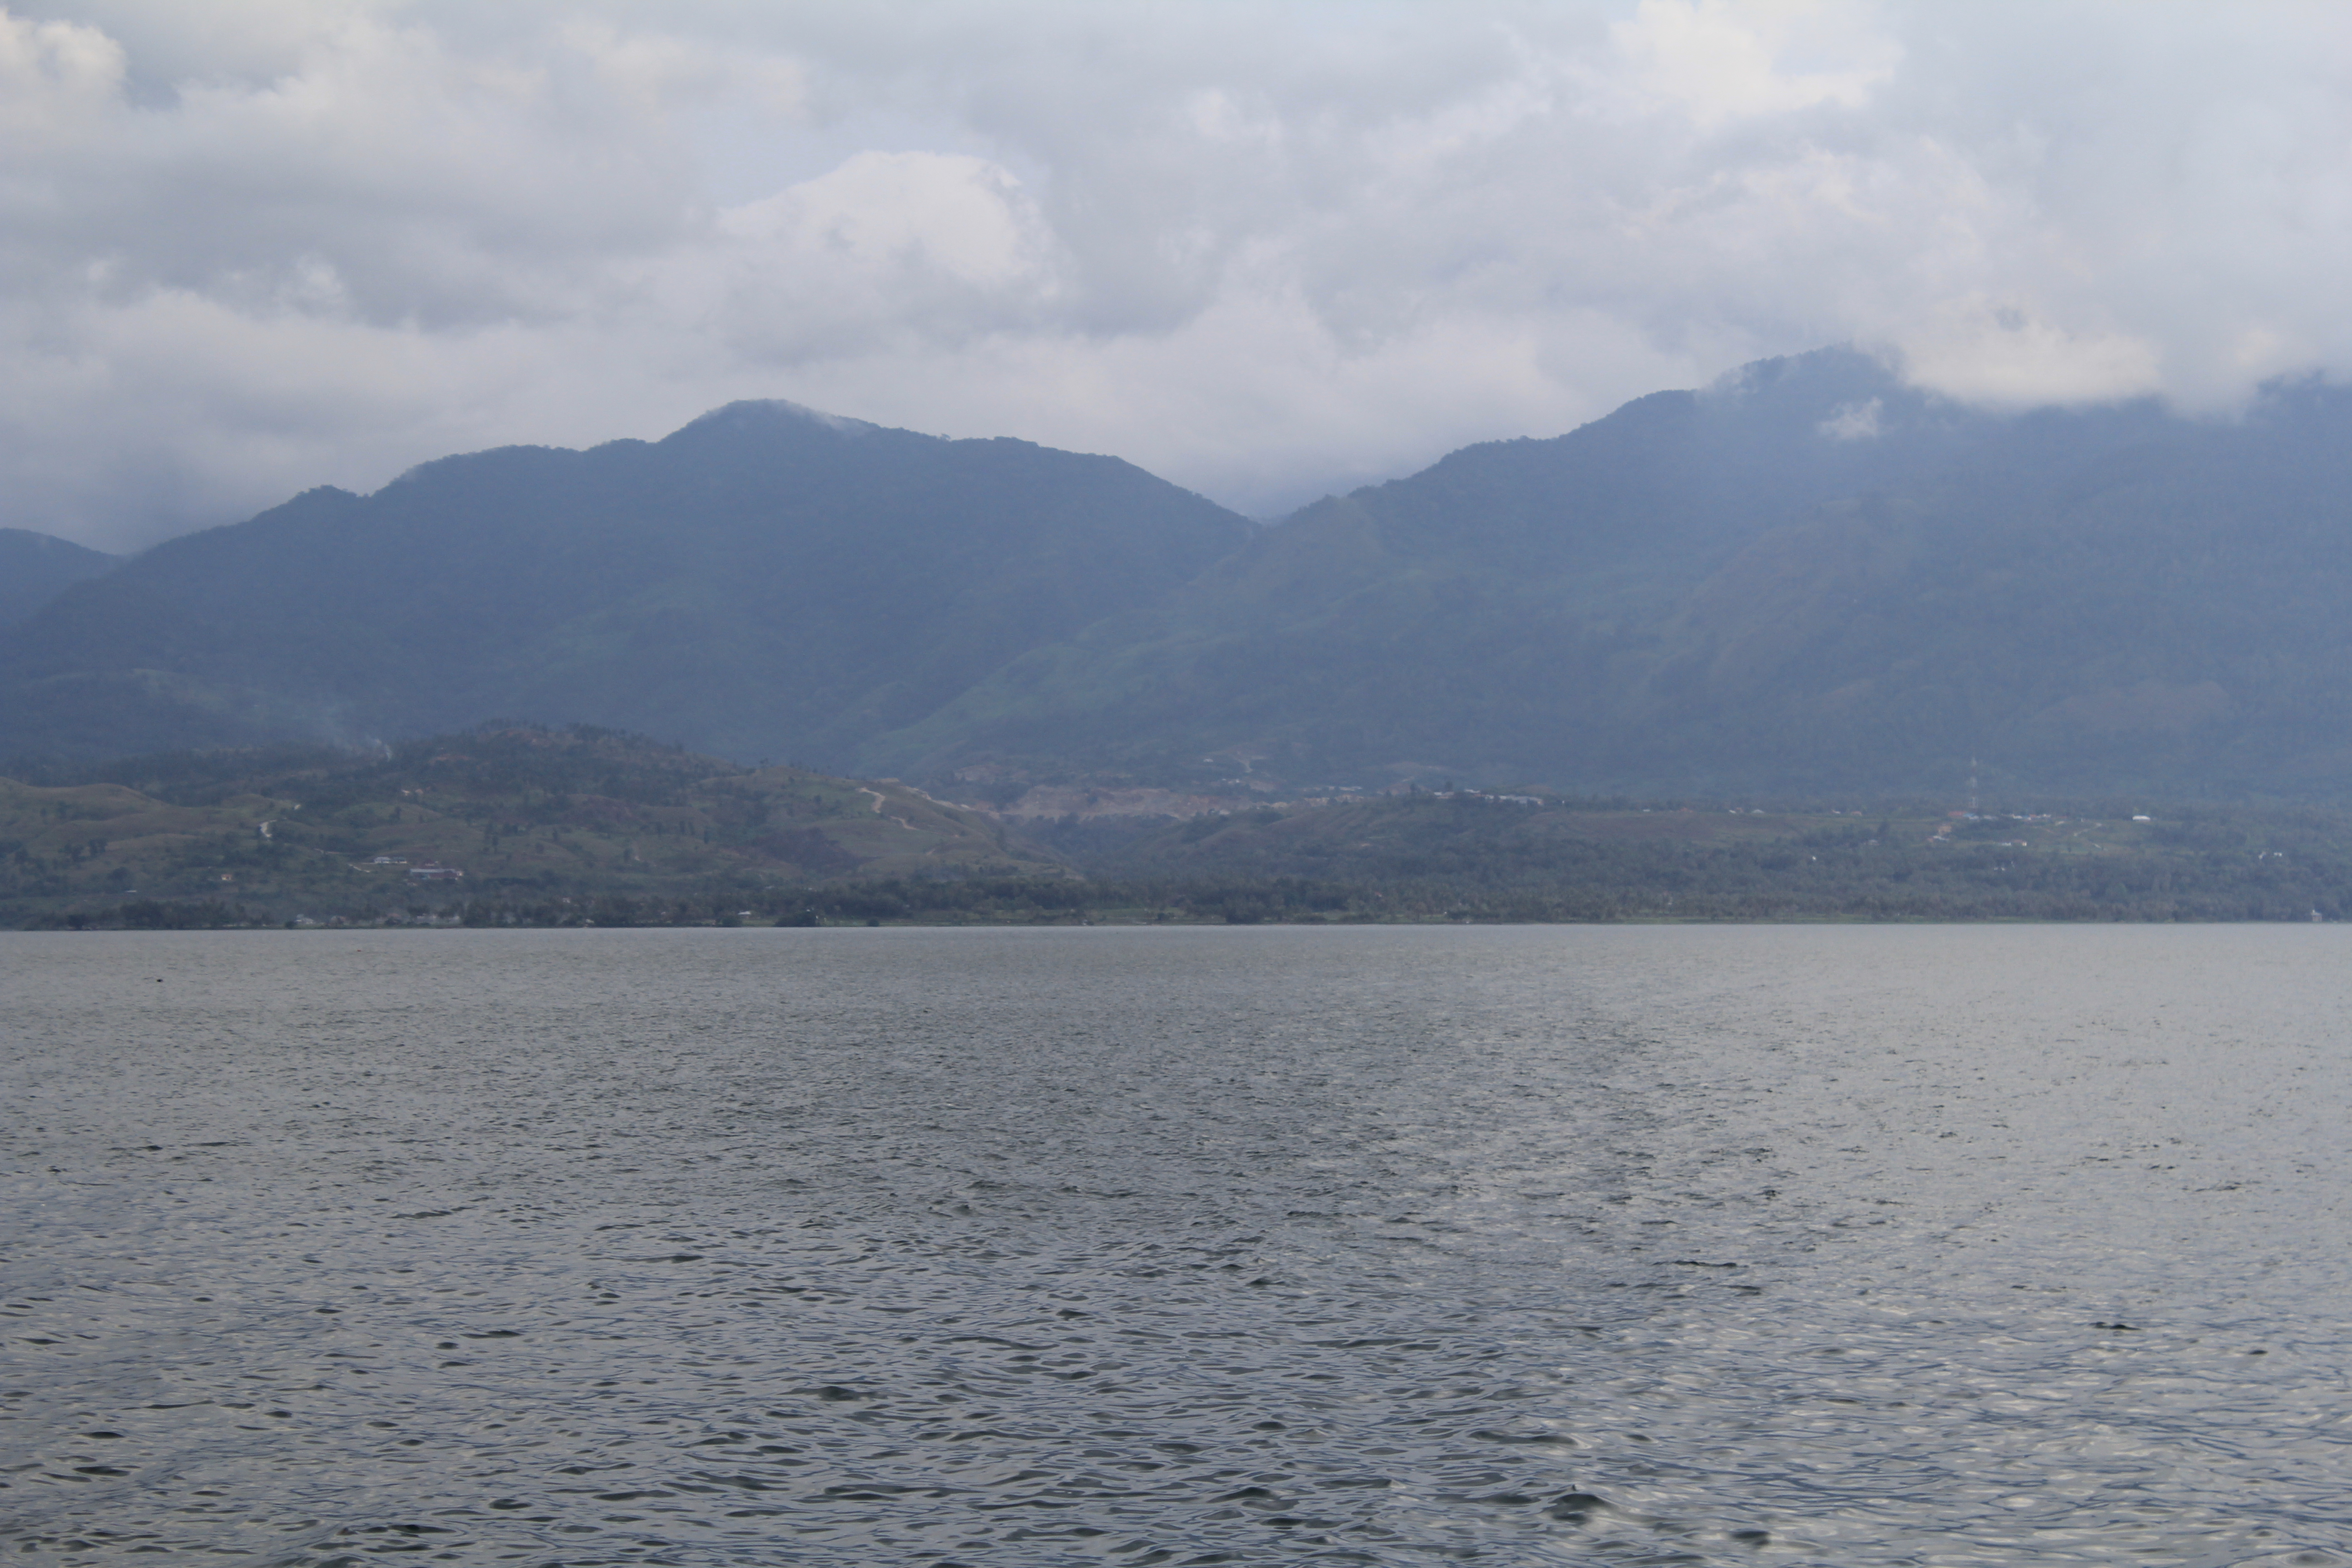 Lokasi tambang, tampak dari seberang Danau Singkarak.